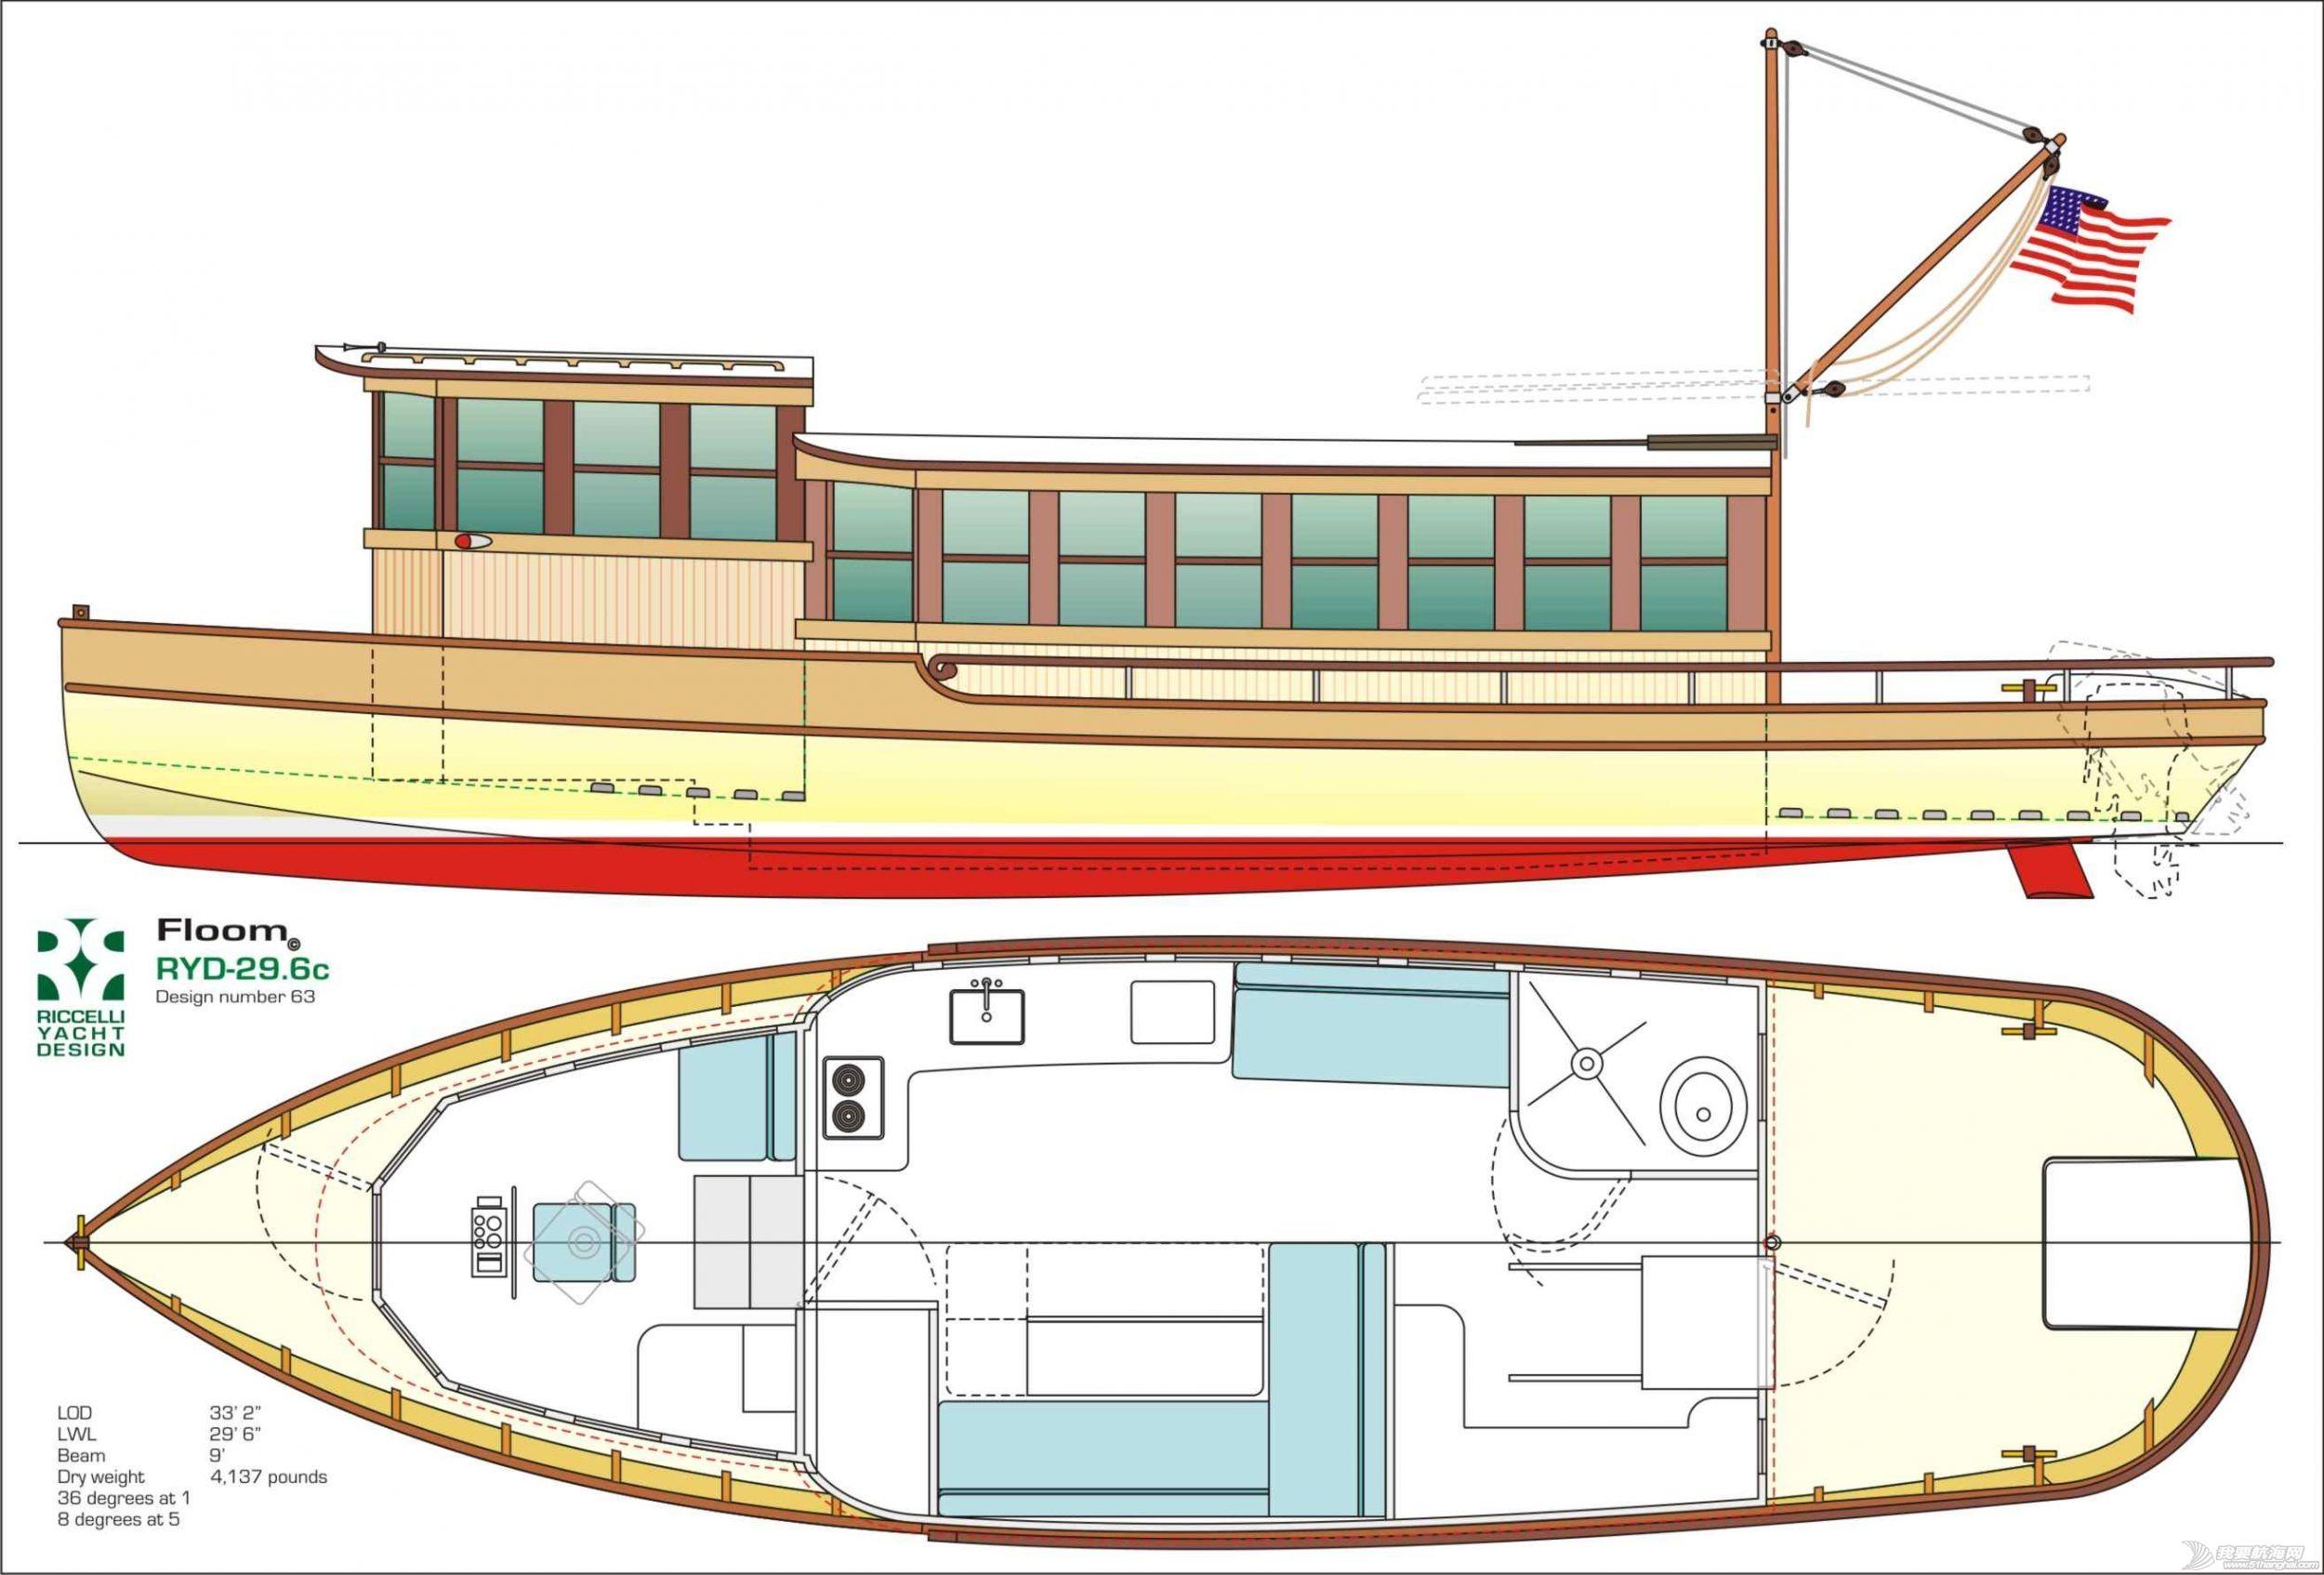 三張滑行planing dinghy RYD-29_6c.jpg